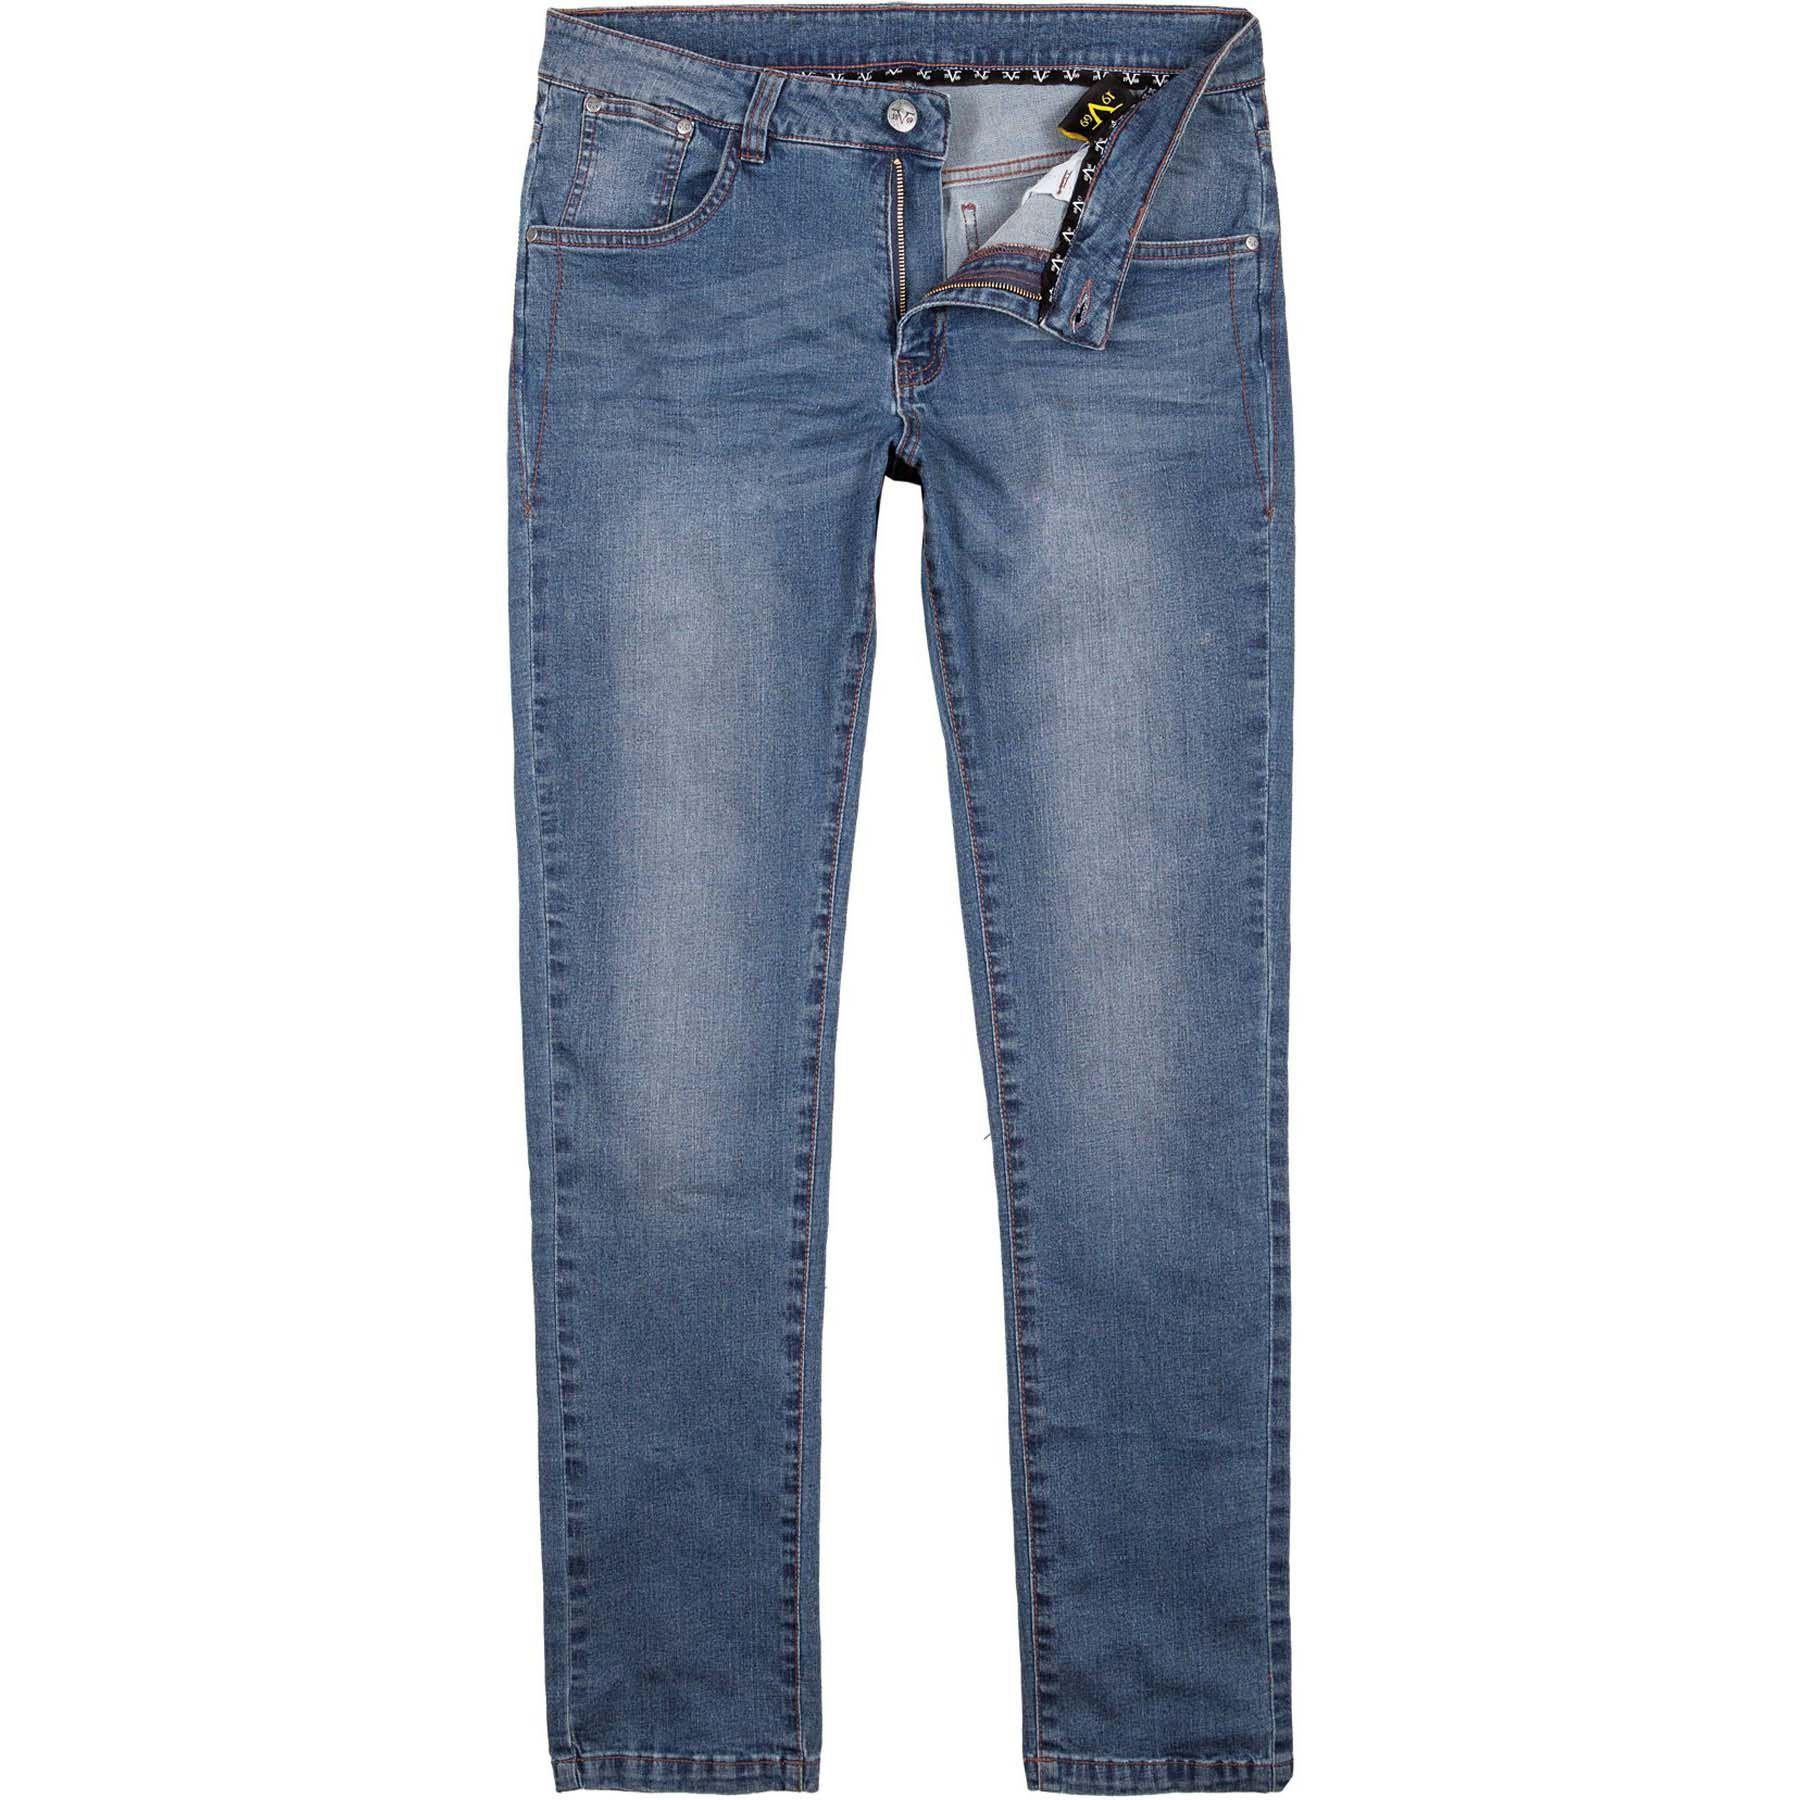 e80c9c962b Pantalones de mezclilla de 19V69 hombres W33 L32 azul